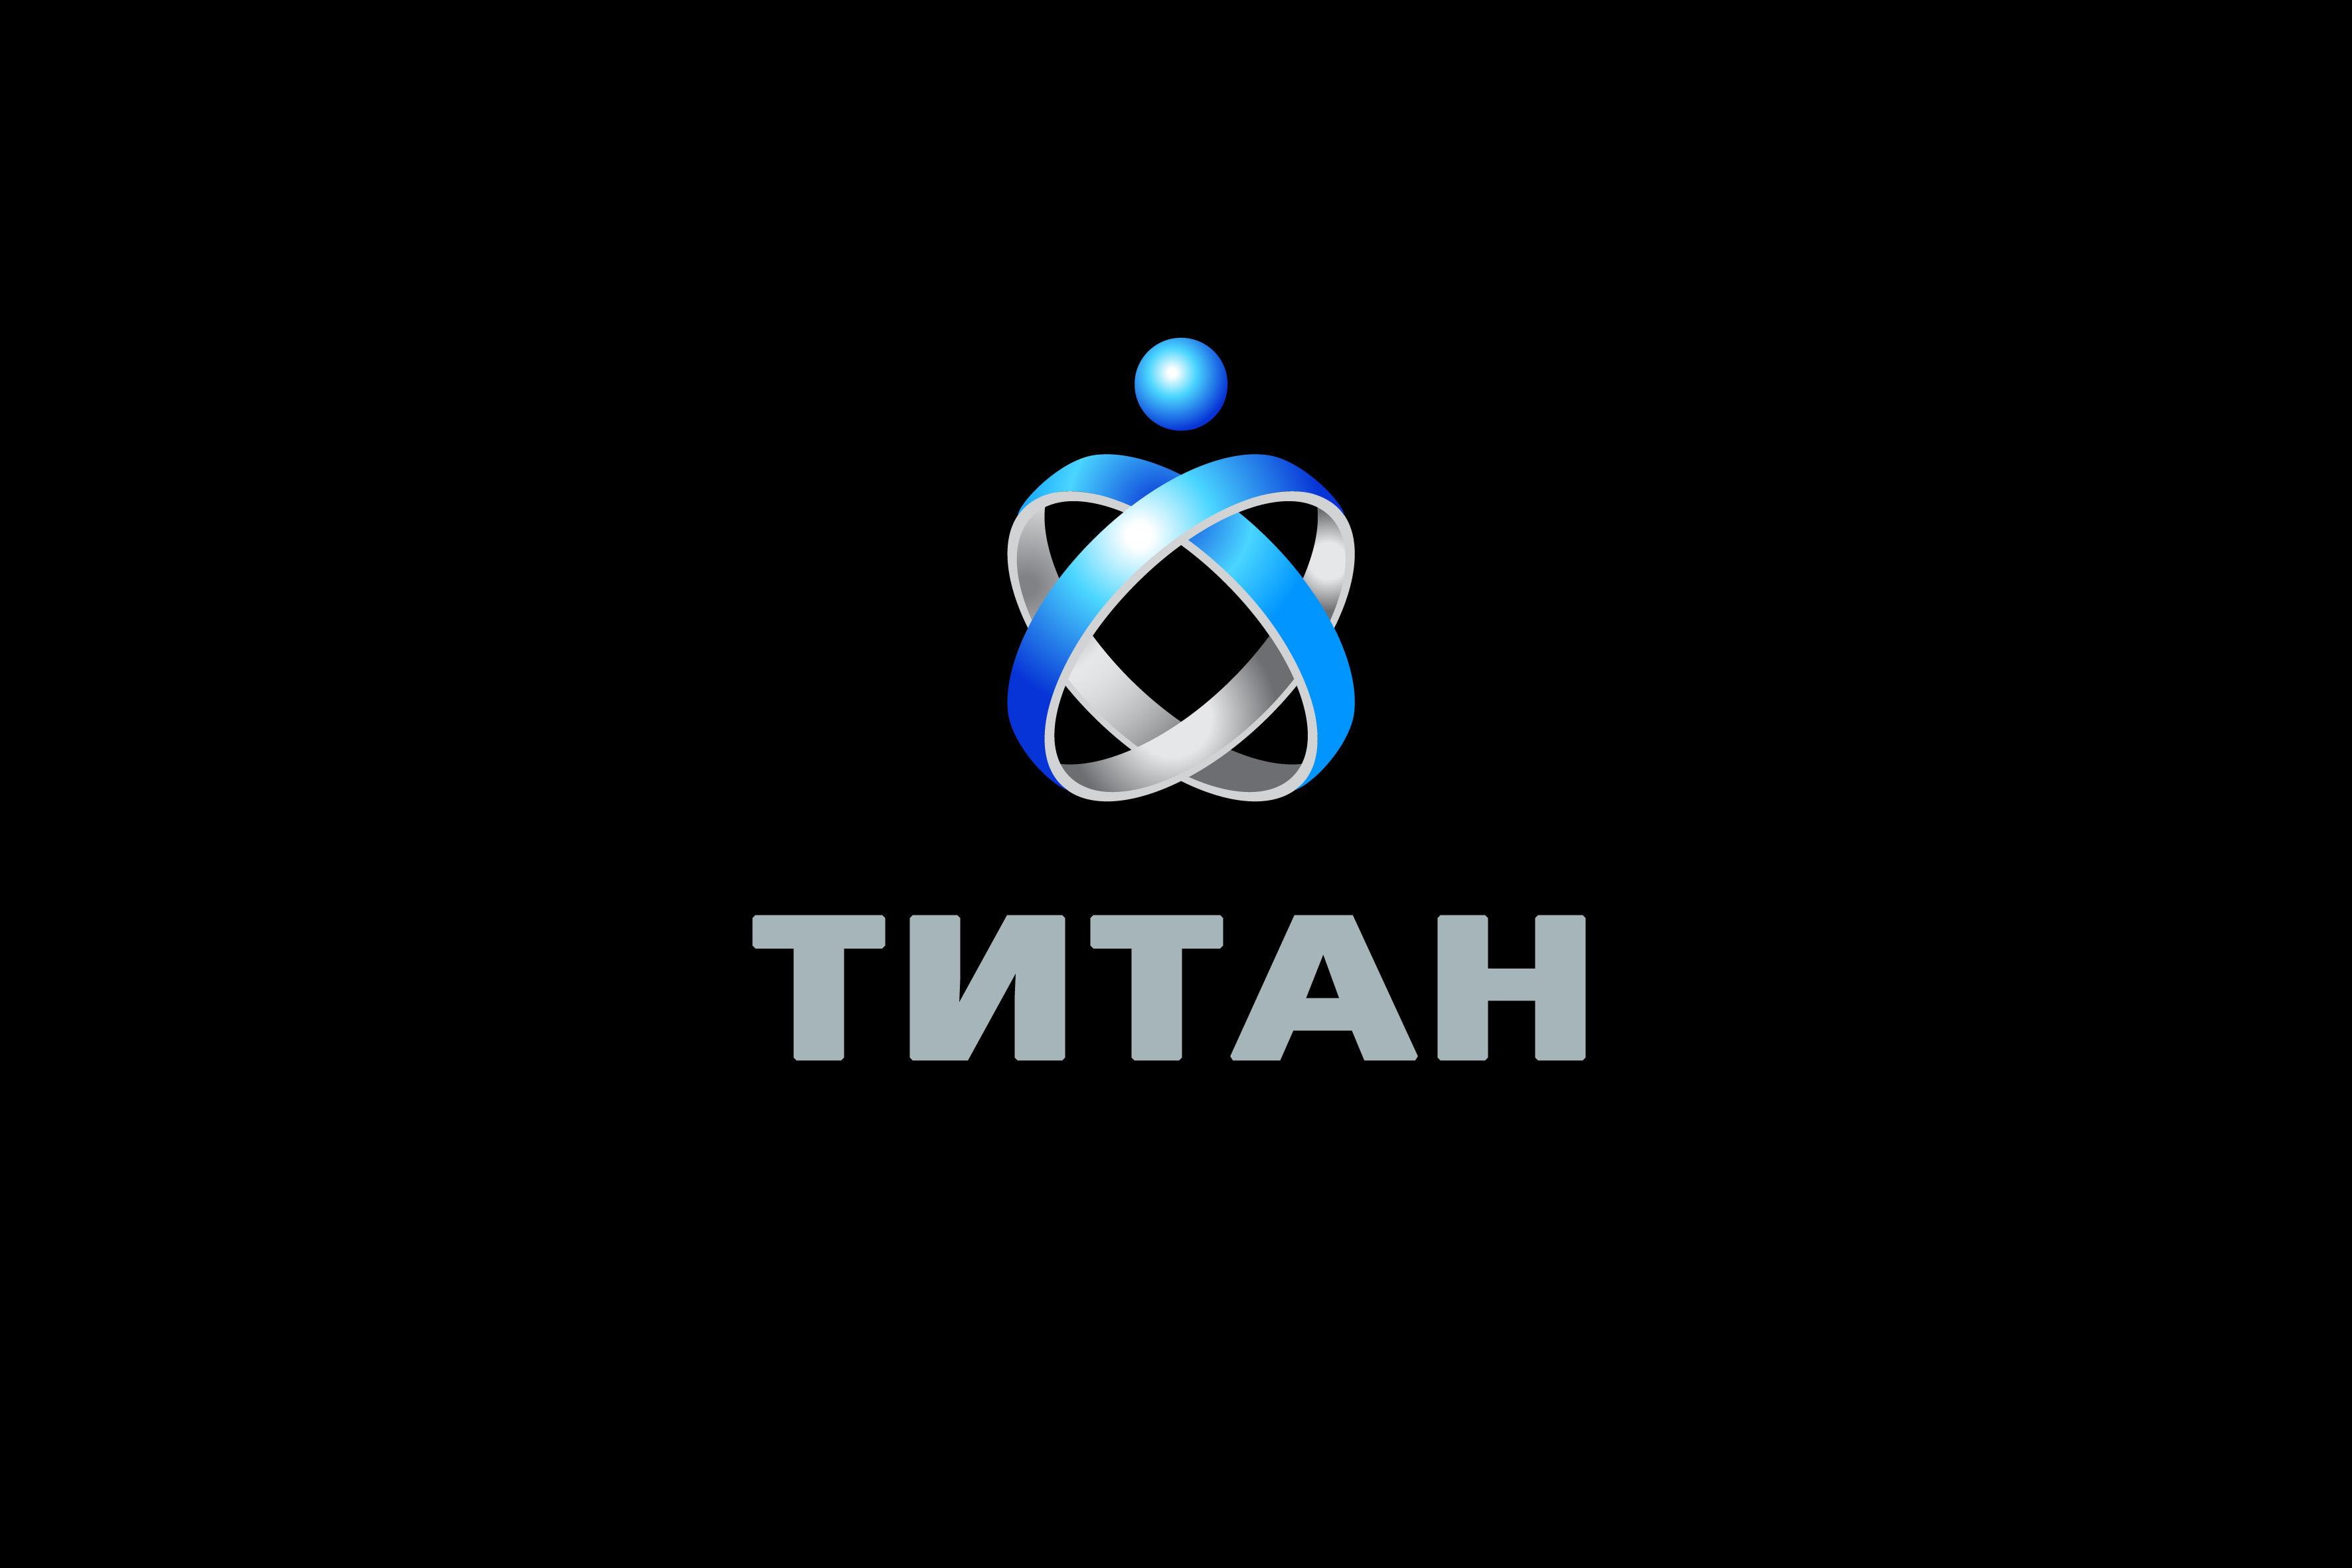 Разработка логотипа (срочно) фото f_3315d4b499ec02cc.jpg